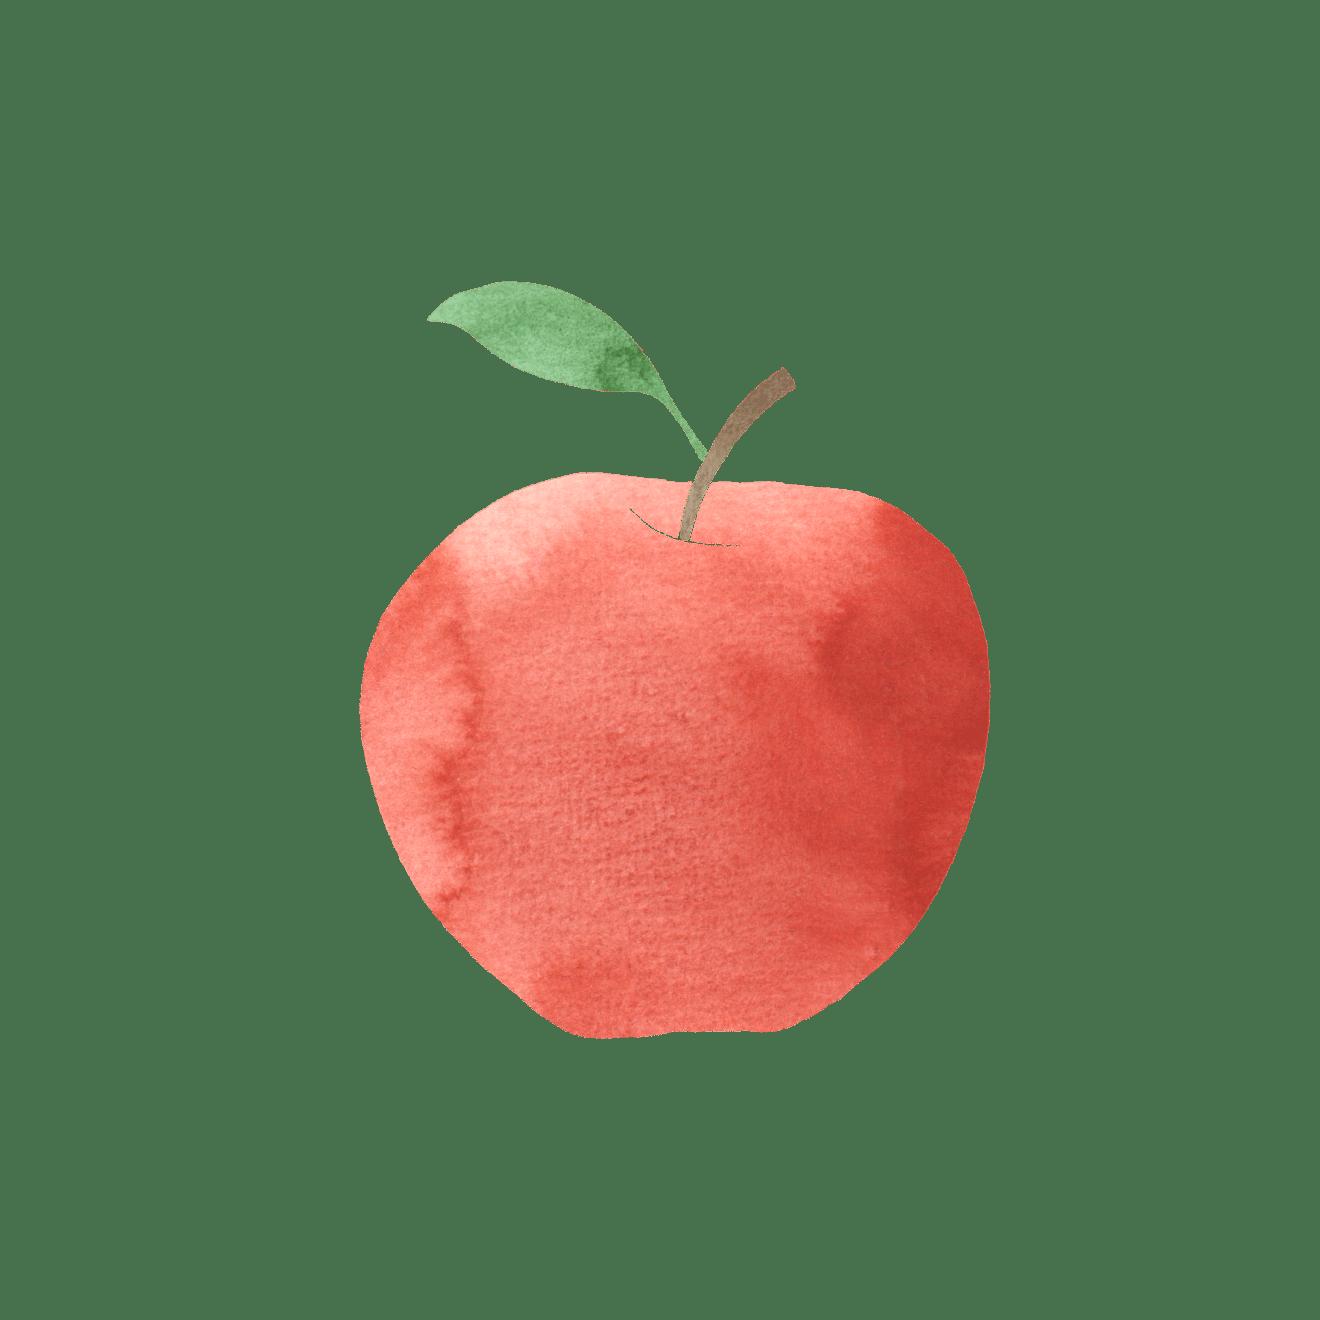 Äpple Png